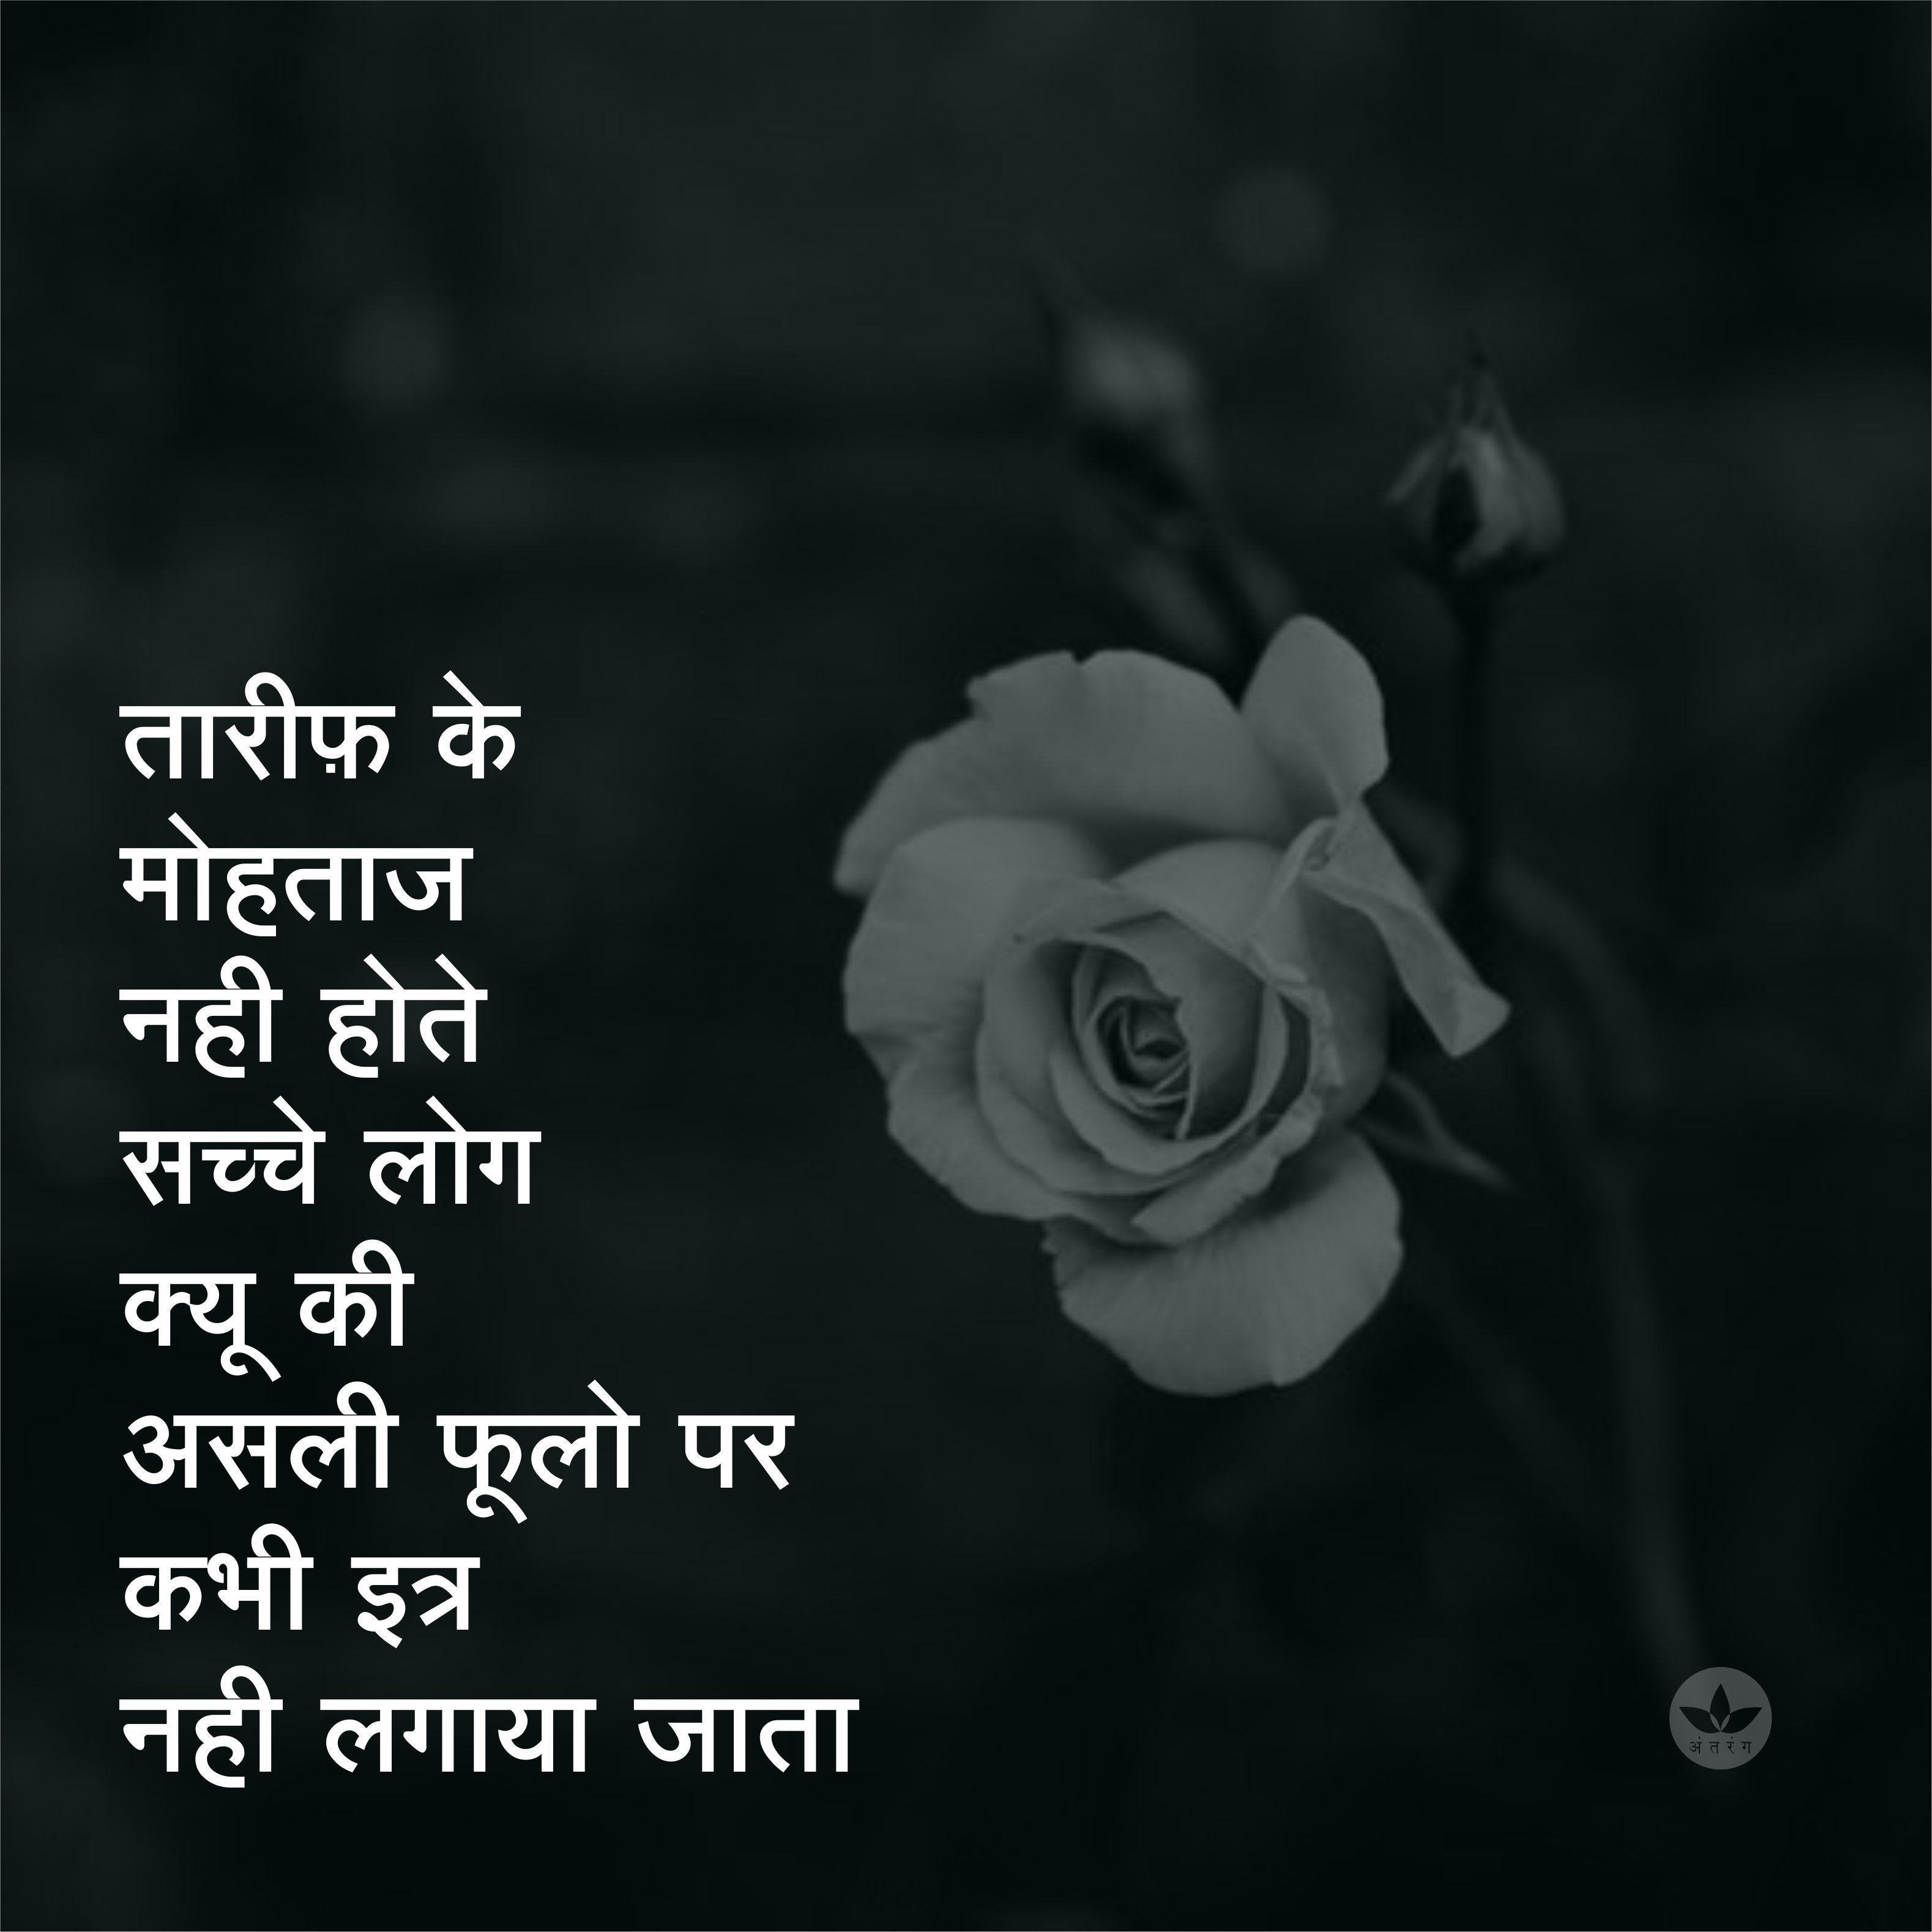 Pin By Nilesh Gitay On Shayari Hindi Quotes Inspirational Quotes Hindi Quotes Images